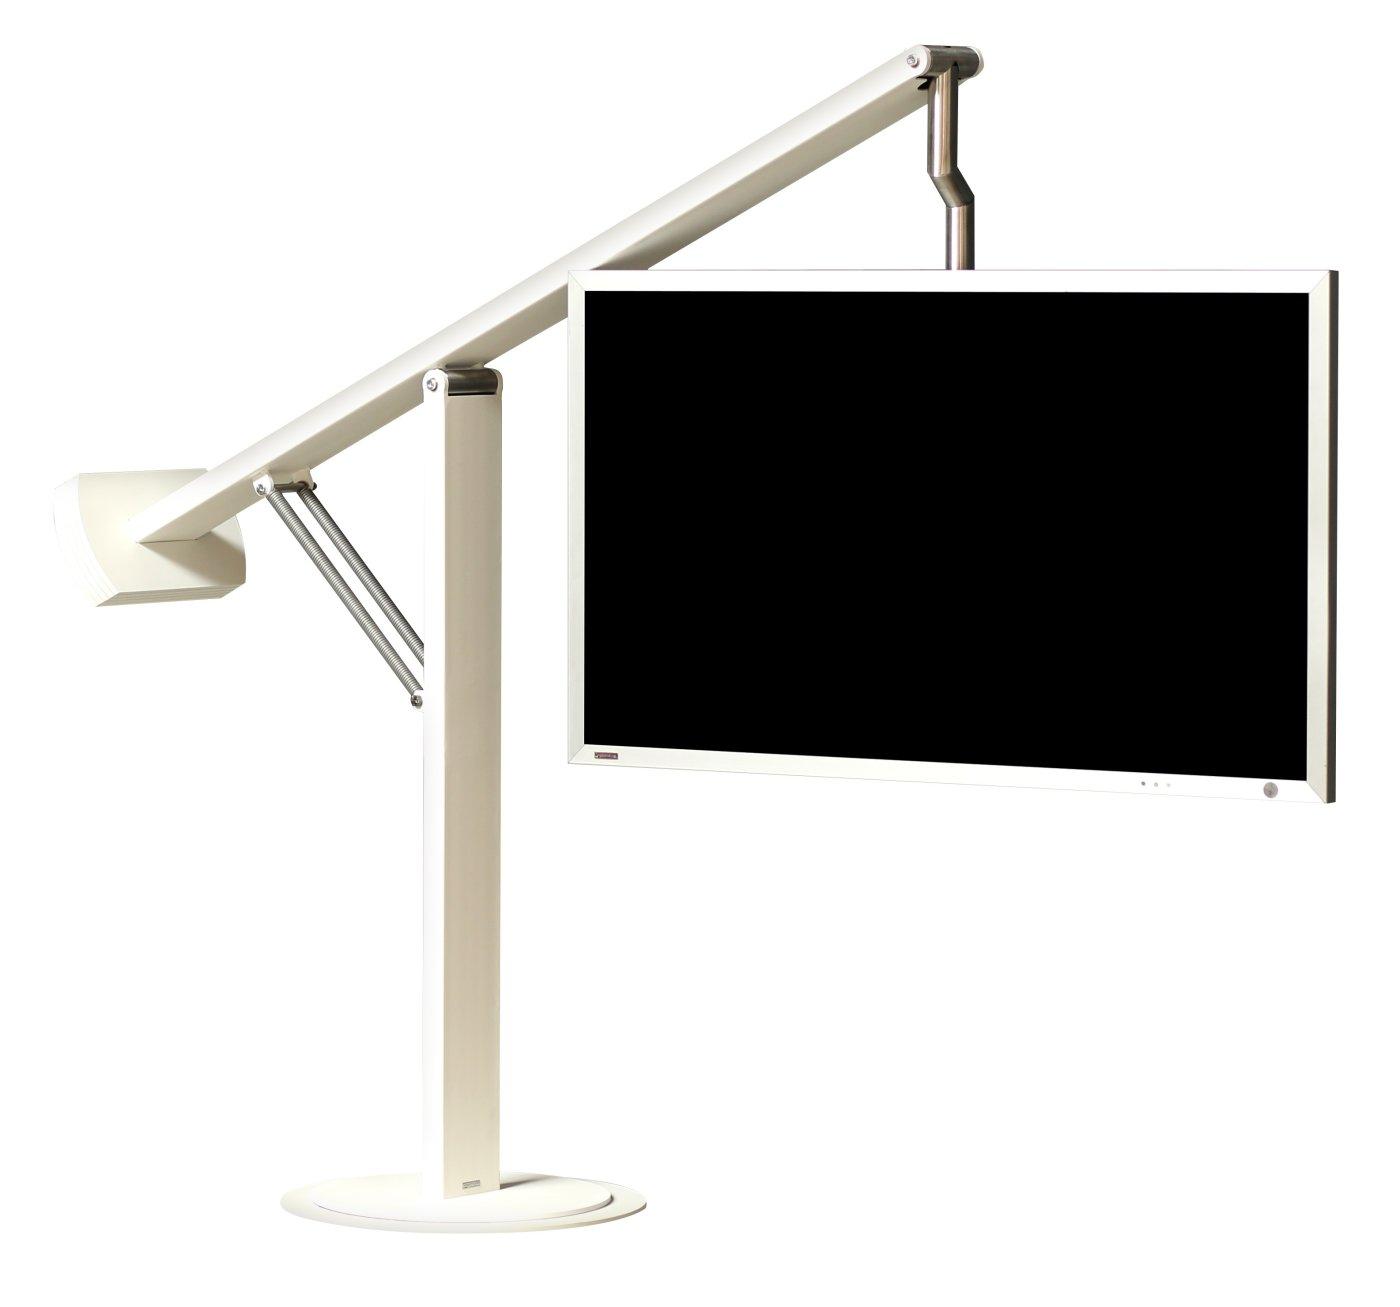 hochwertiger standfu f r flachbildfernseher von 40 60 zoll mit einem h henverstellbaren und. Black Bedroom Furniture Sets. Home Design Ideas